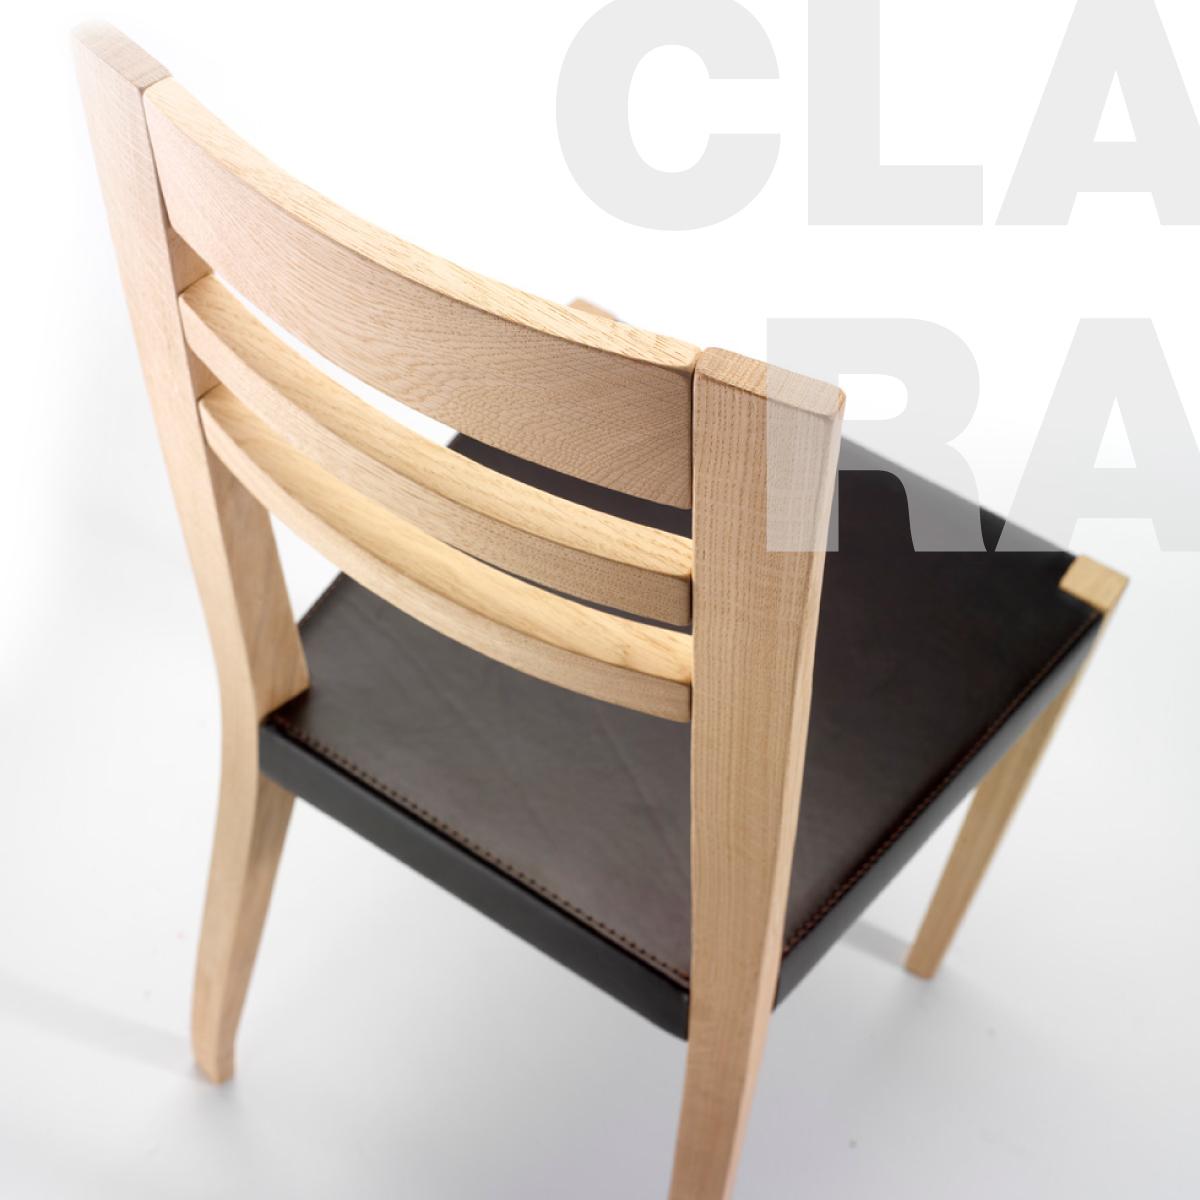 Sedie Moderne Design In Legno.Tavoli E Sedie Moderne Da Cucina Awesome Articoli Per Sedie Moderne